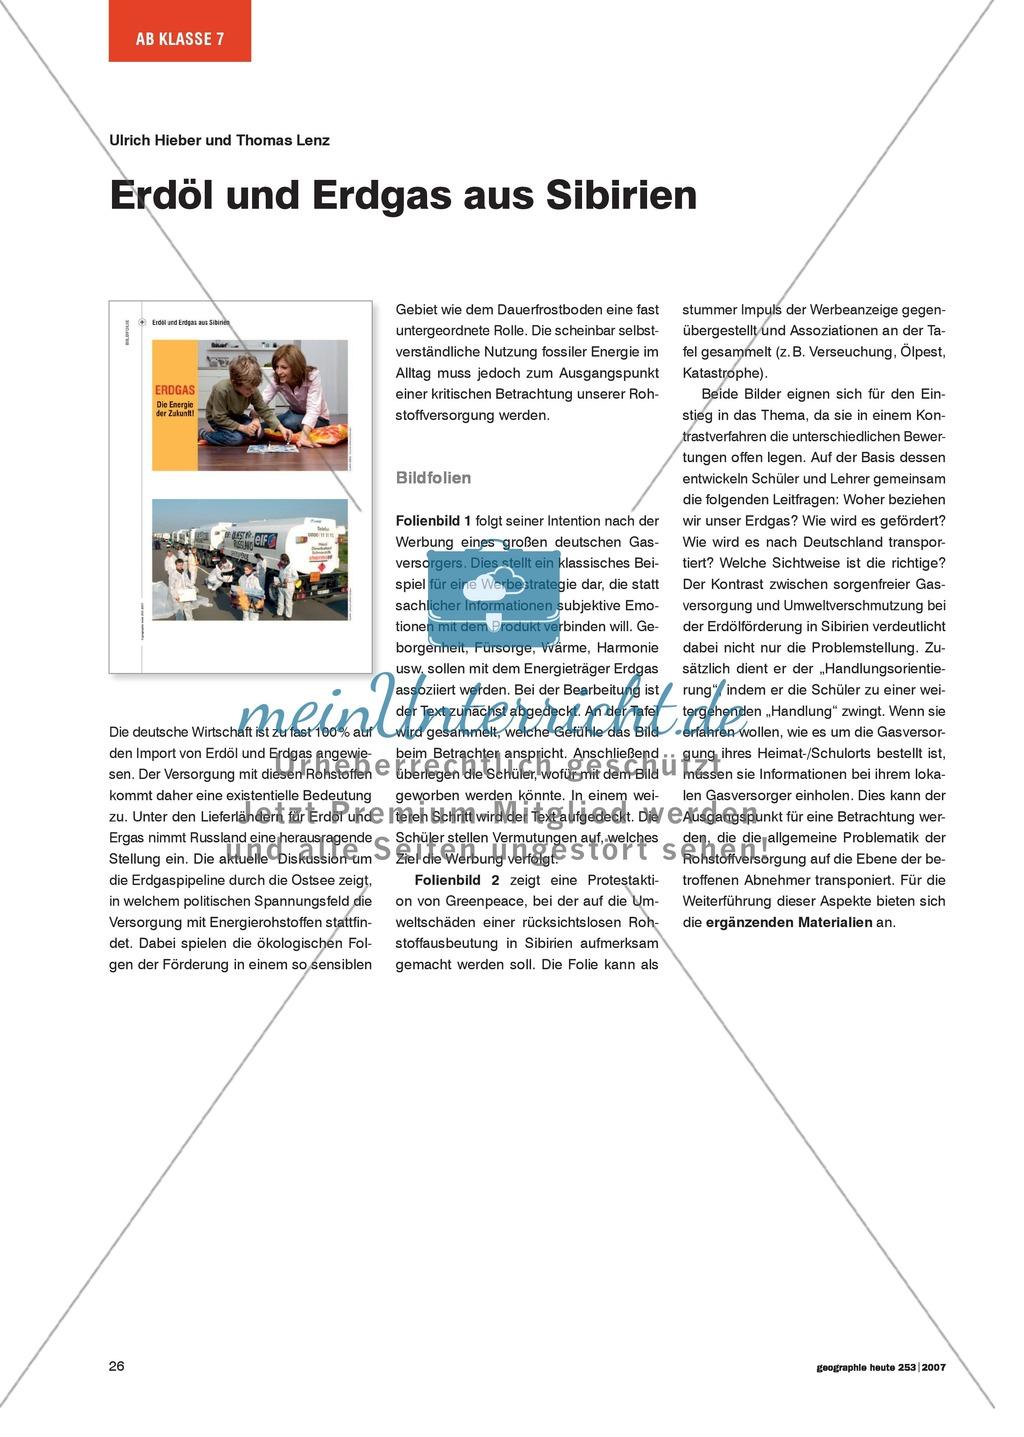 Bilder lesen lernen: Erdöl + Erdgas aus Sibirien - meinUnterricht